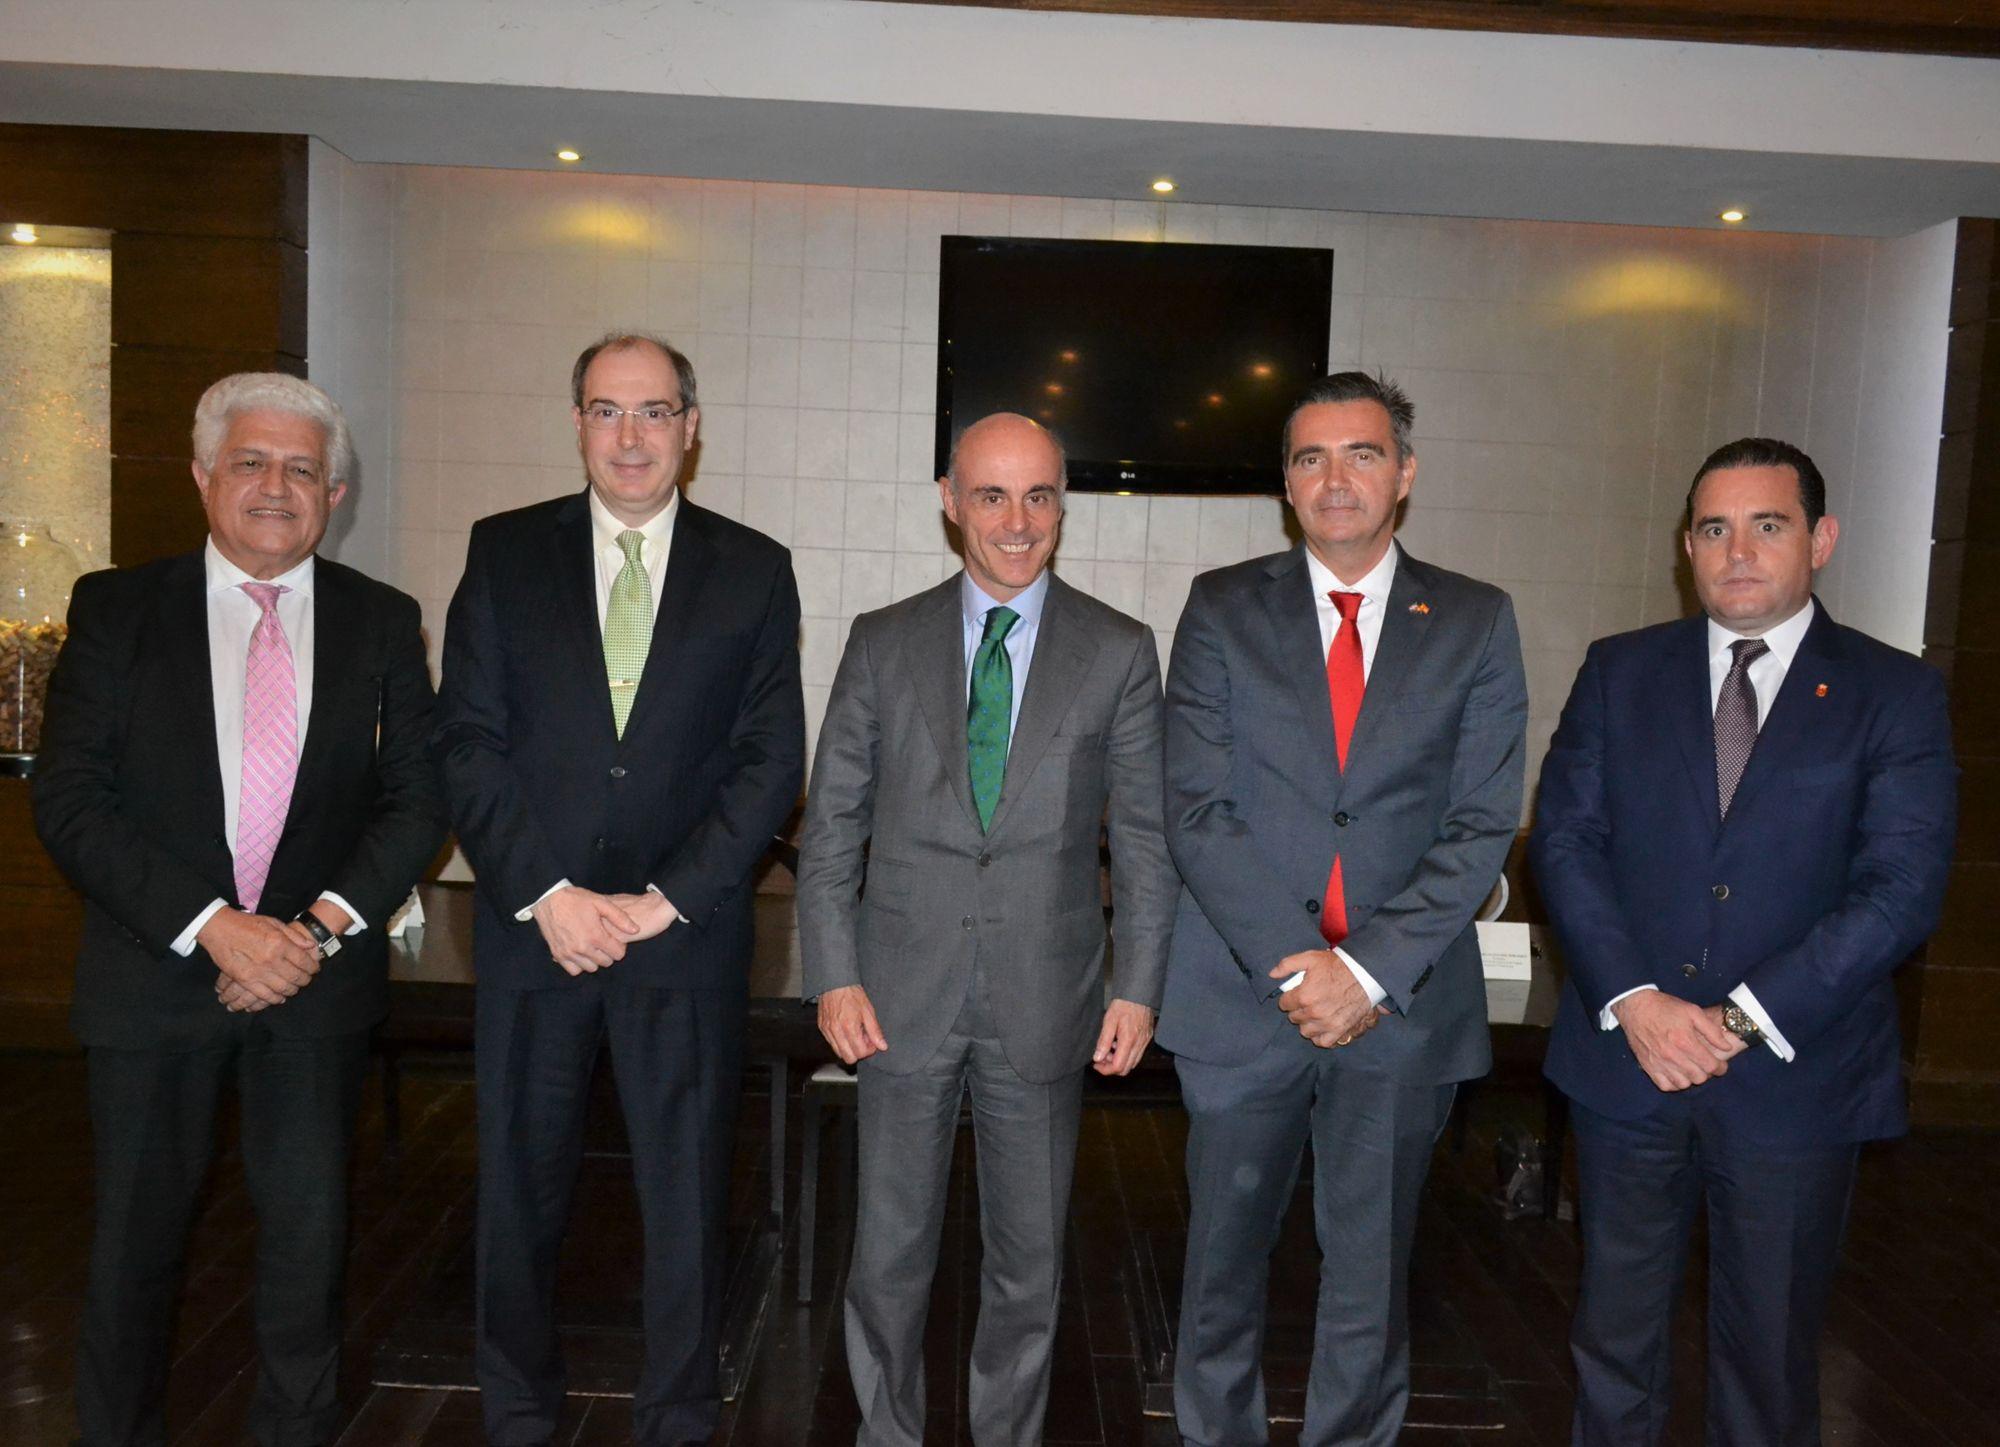 La Cámara Española celebra su anual asamblea general ordinaria y juramenta nueva directiva